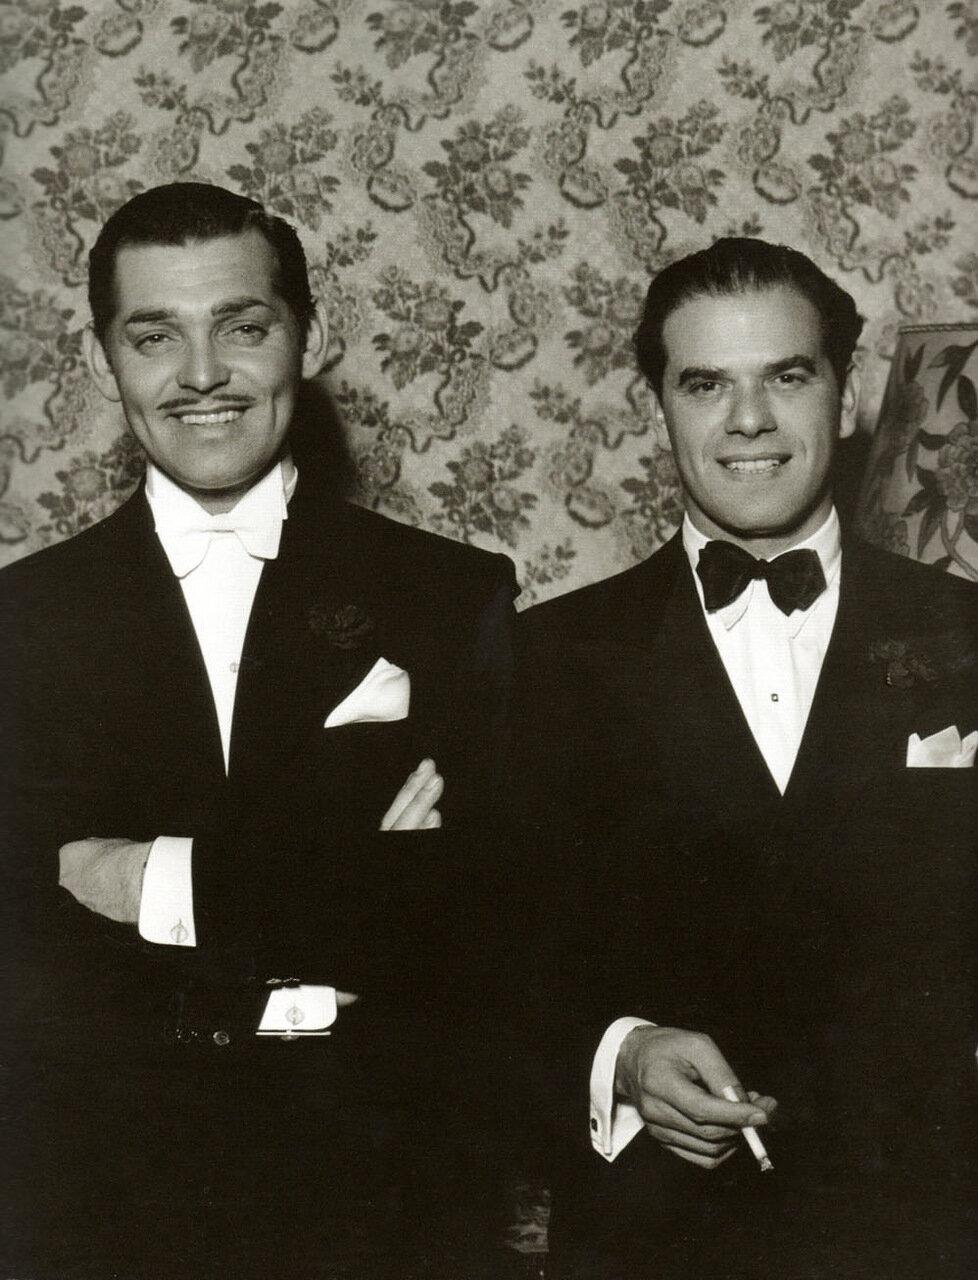 1936. Кларк Гейбл и Фрэнк Капра на церемонии вручения премии Оскар